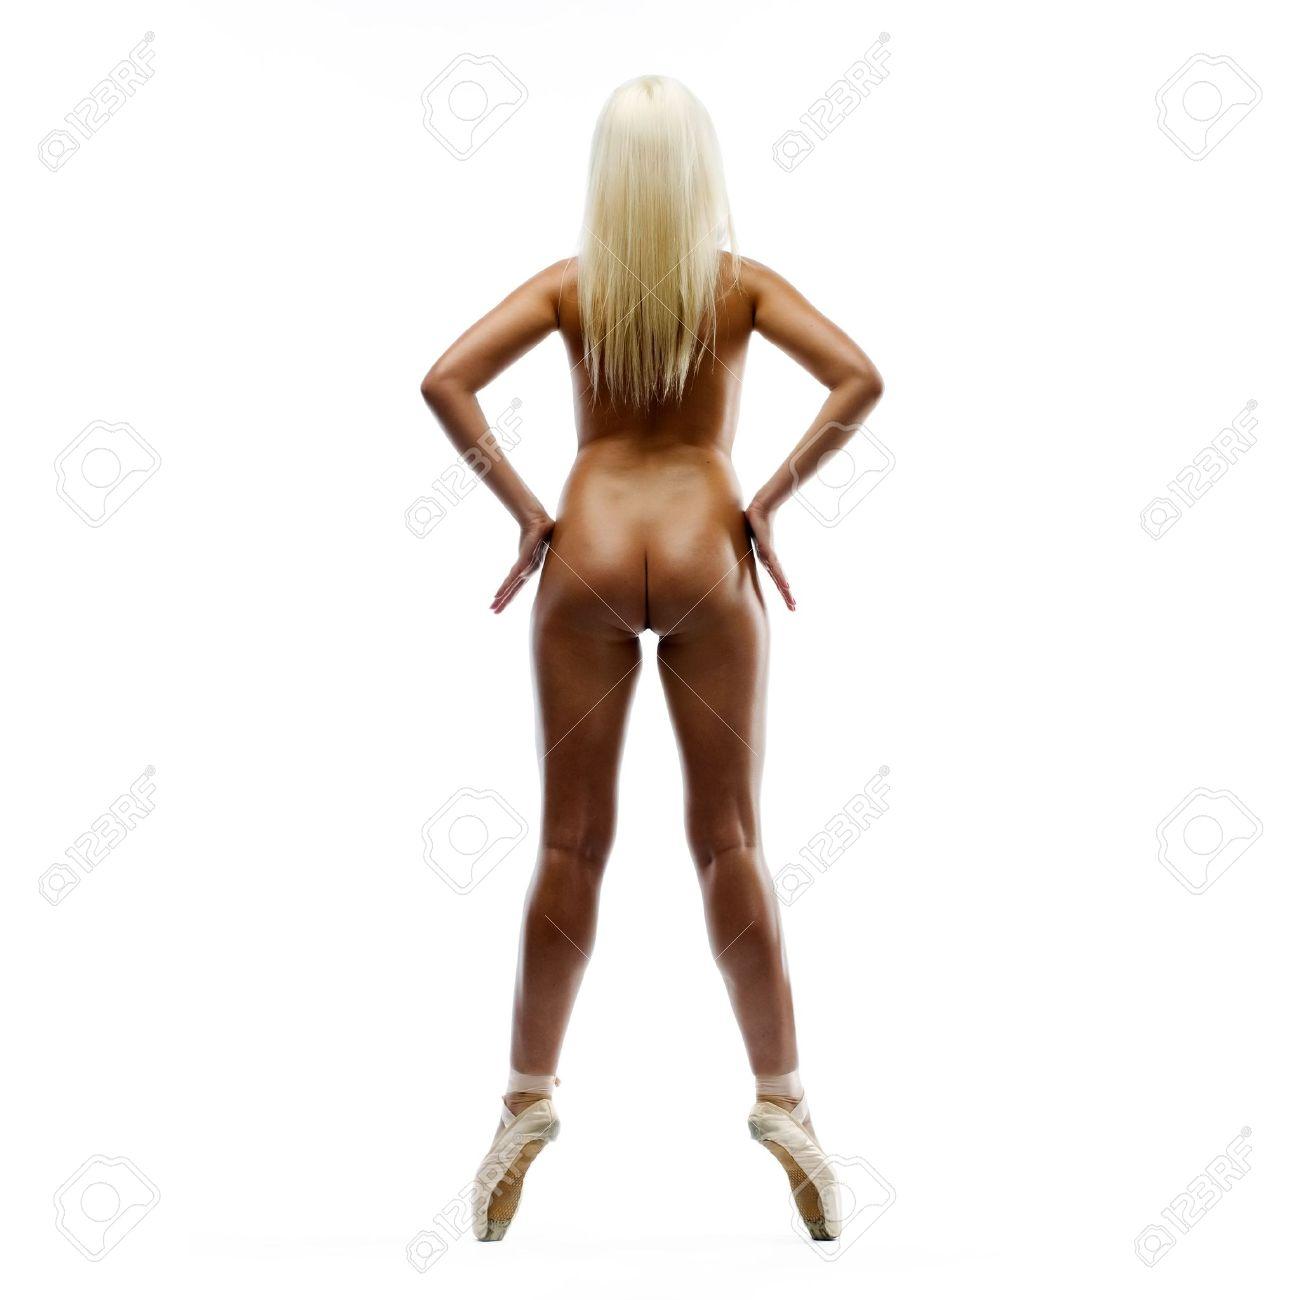 ballerina naked